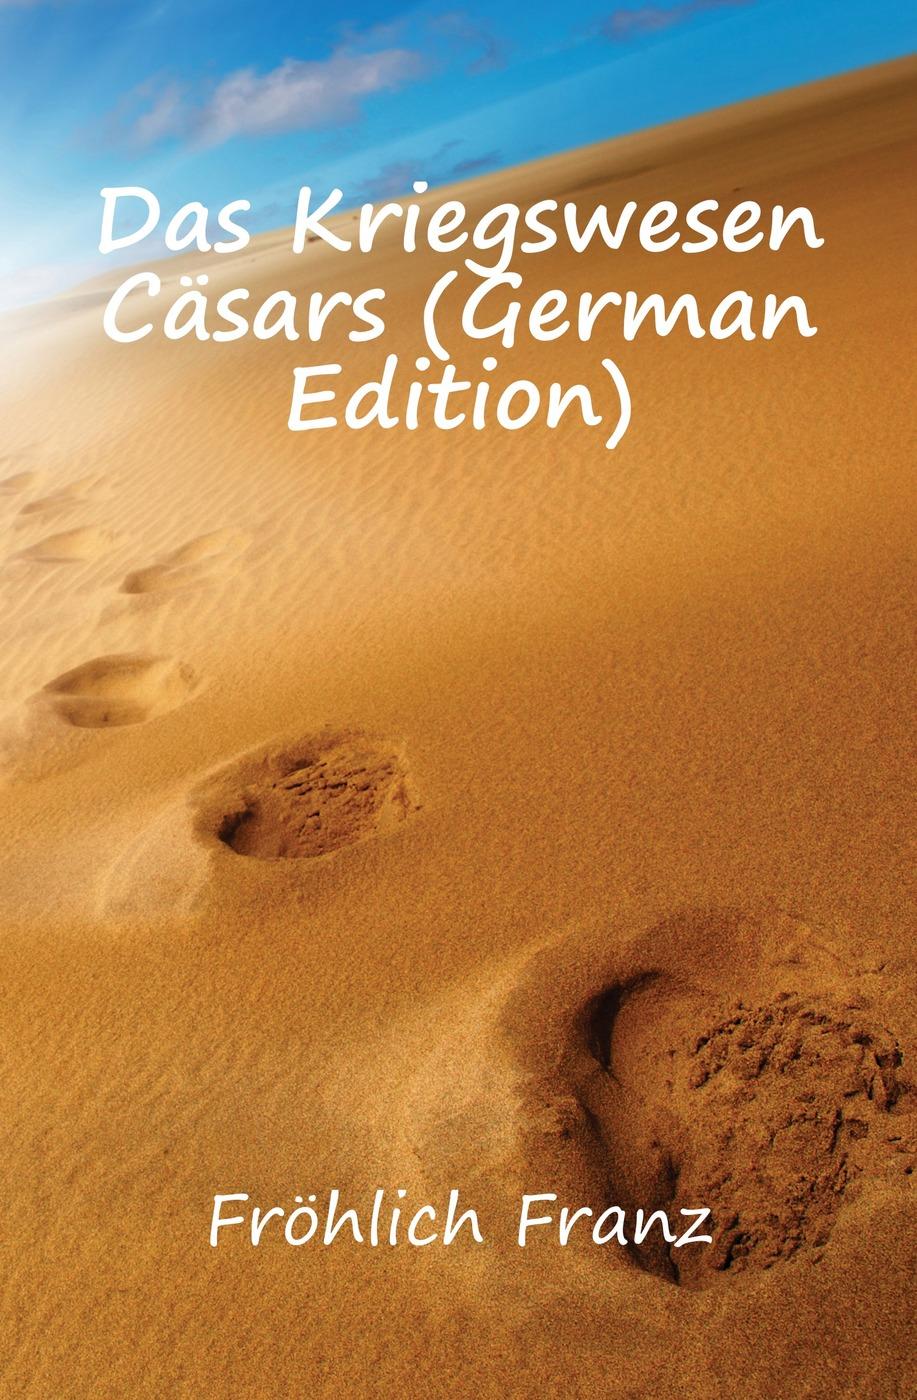 Fröhlich Franz Das Kriegswesen Casars (German Edition)